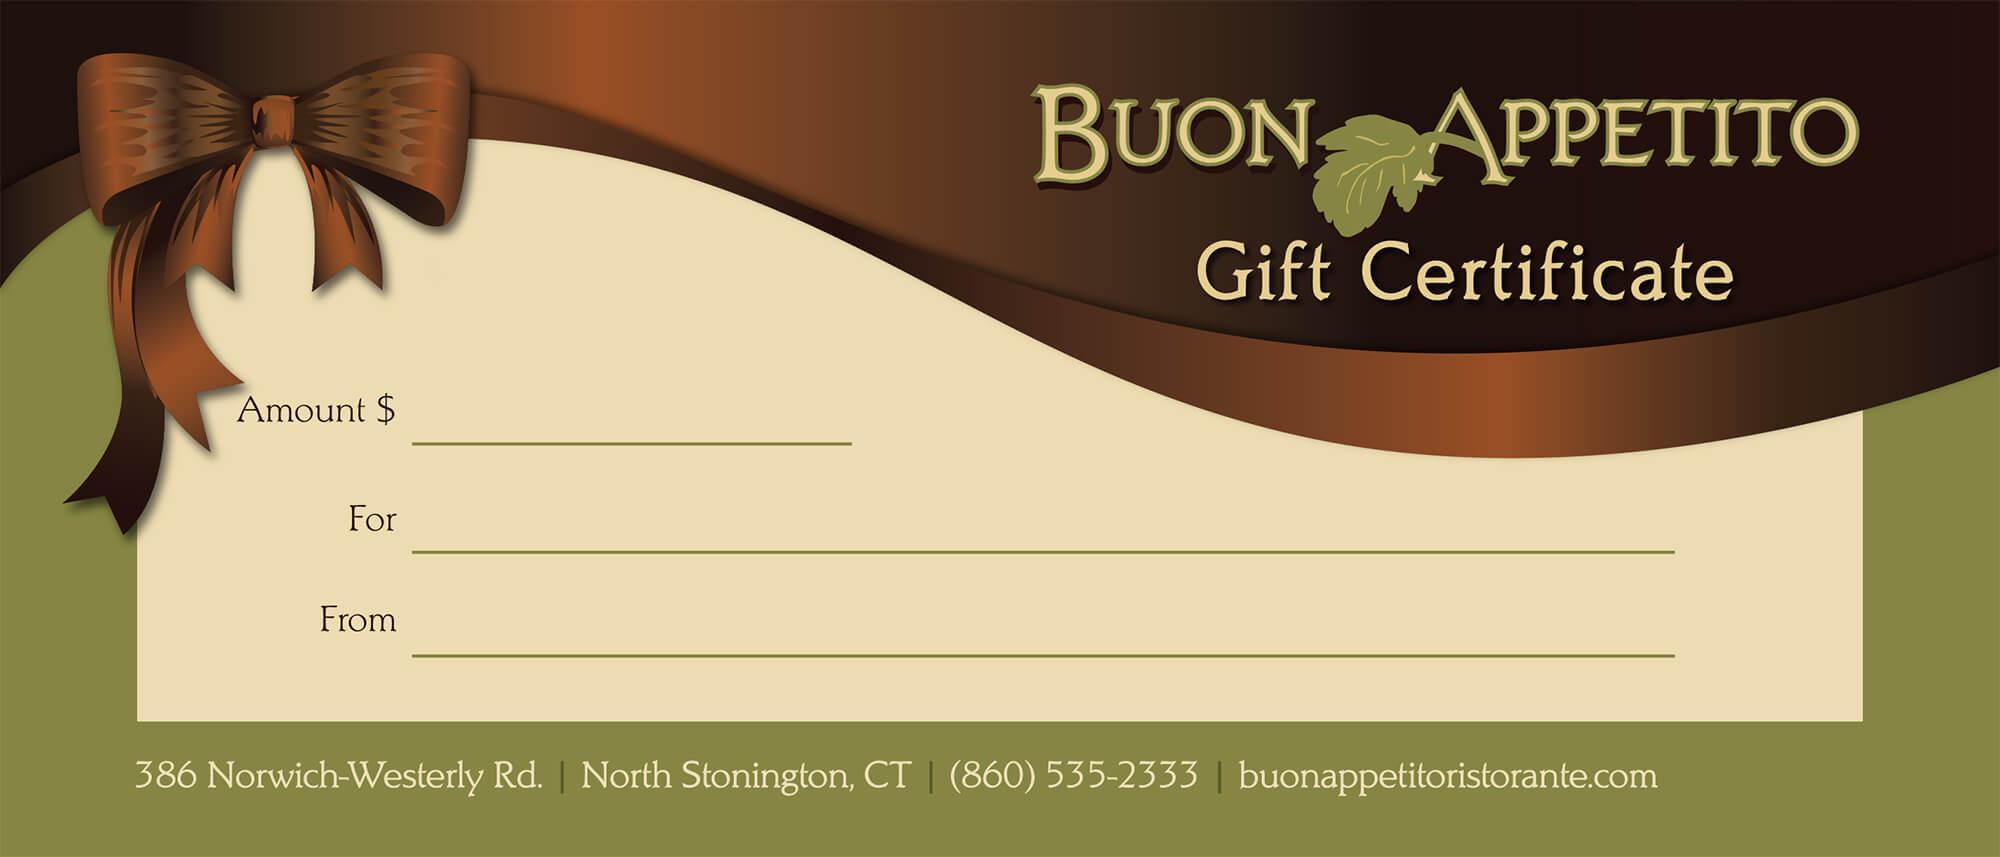 Gift Certificates For Buon Appetito Ristorante Pizzeria